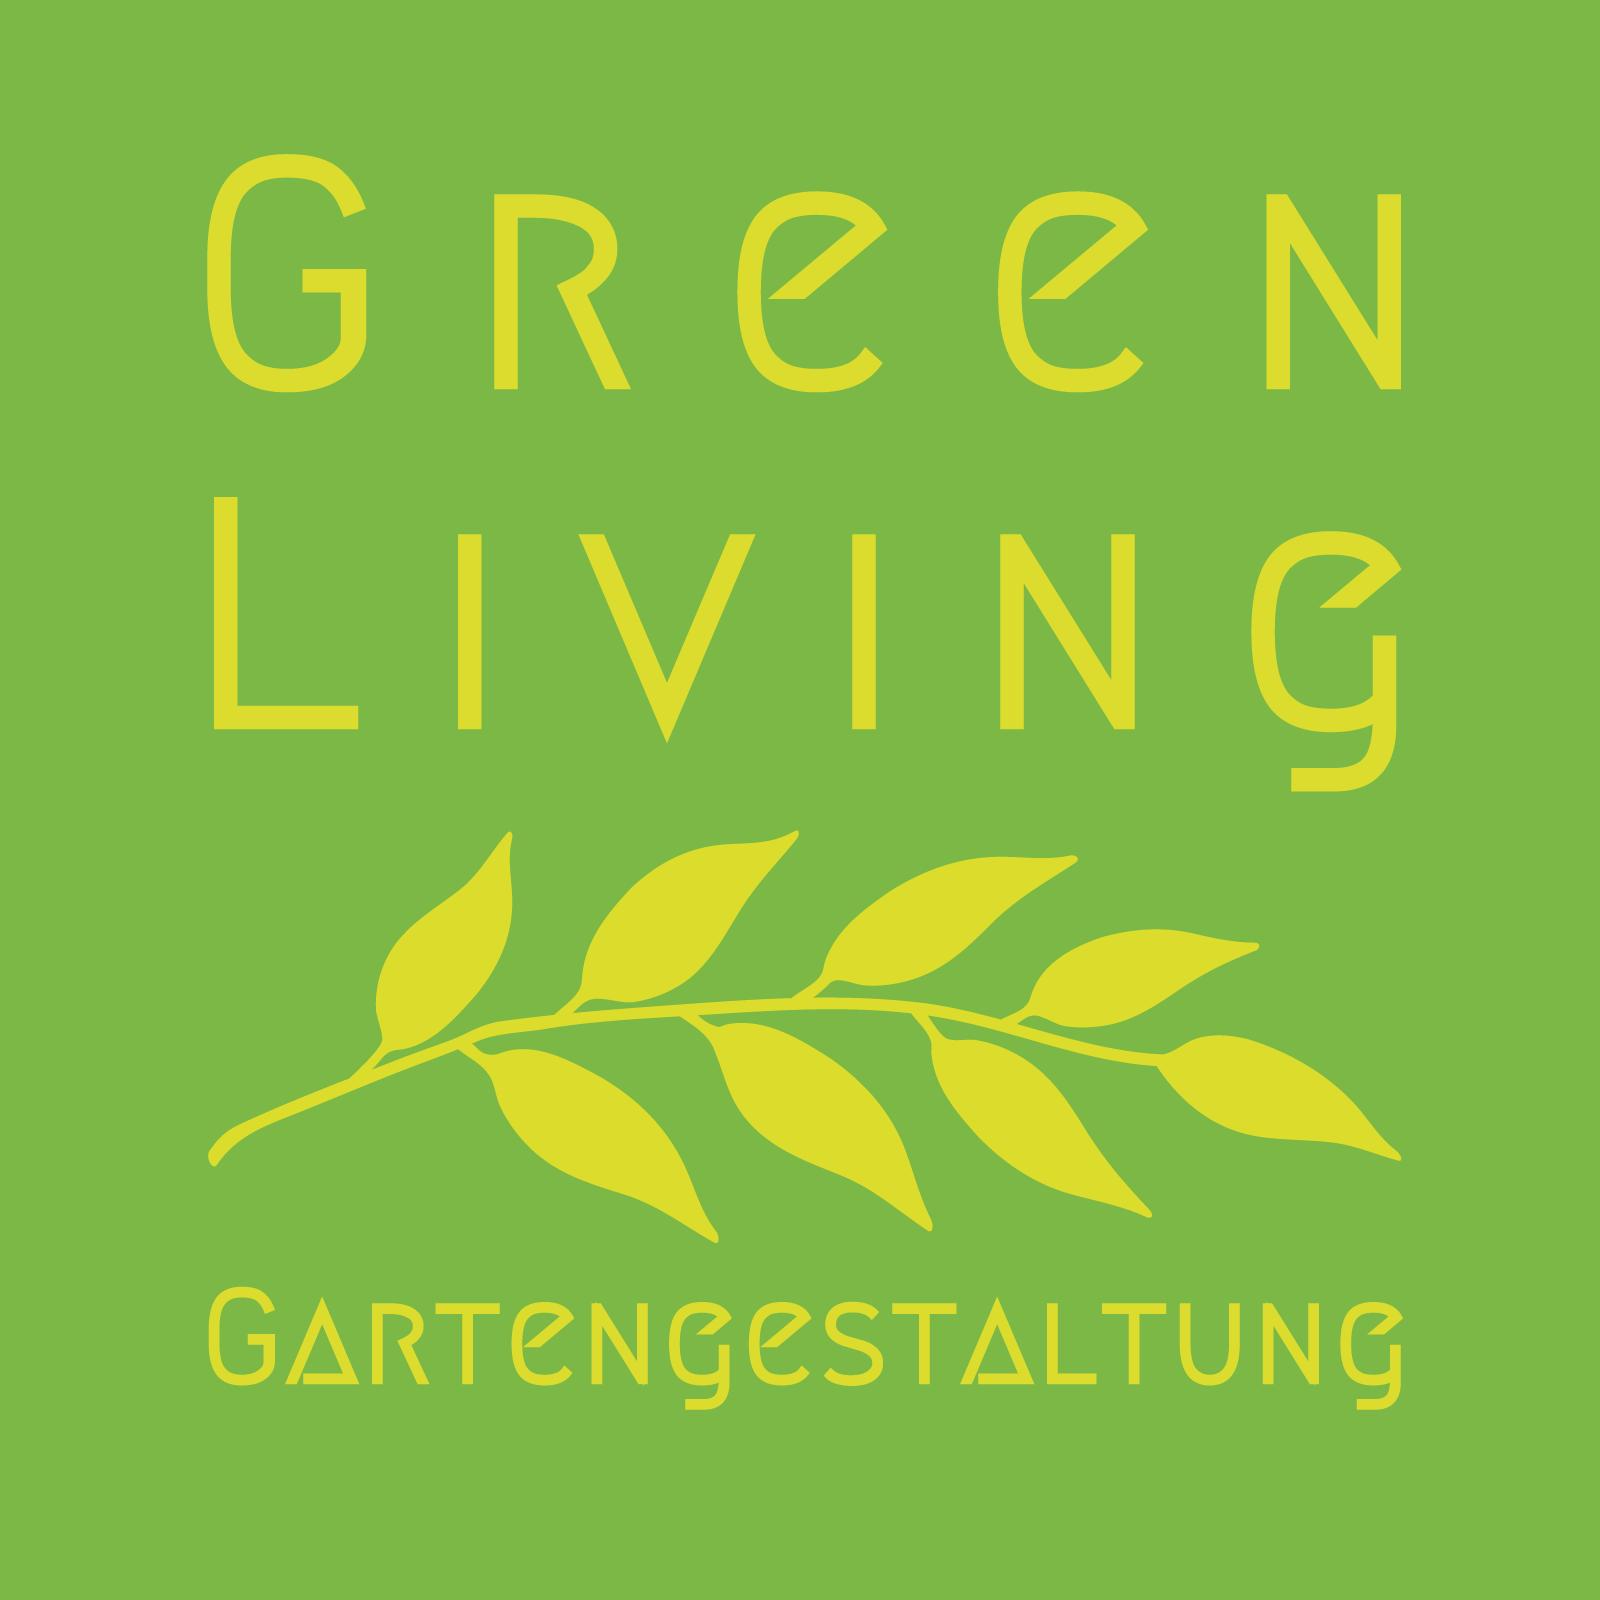 Green Living Gartengestaltung ist ein Anbieter von Gartenplanung, Gartengestaltung und Gartenservice in Wien.